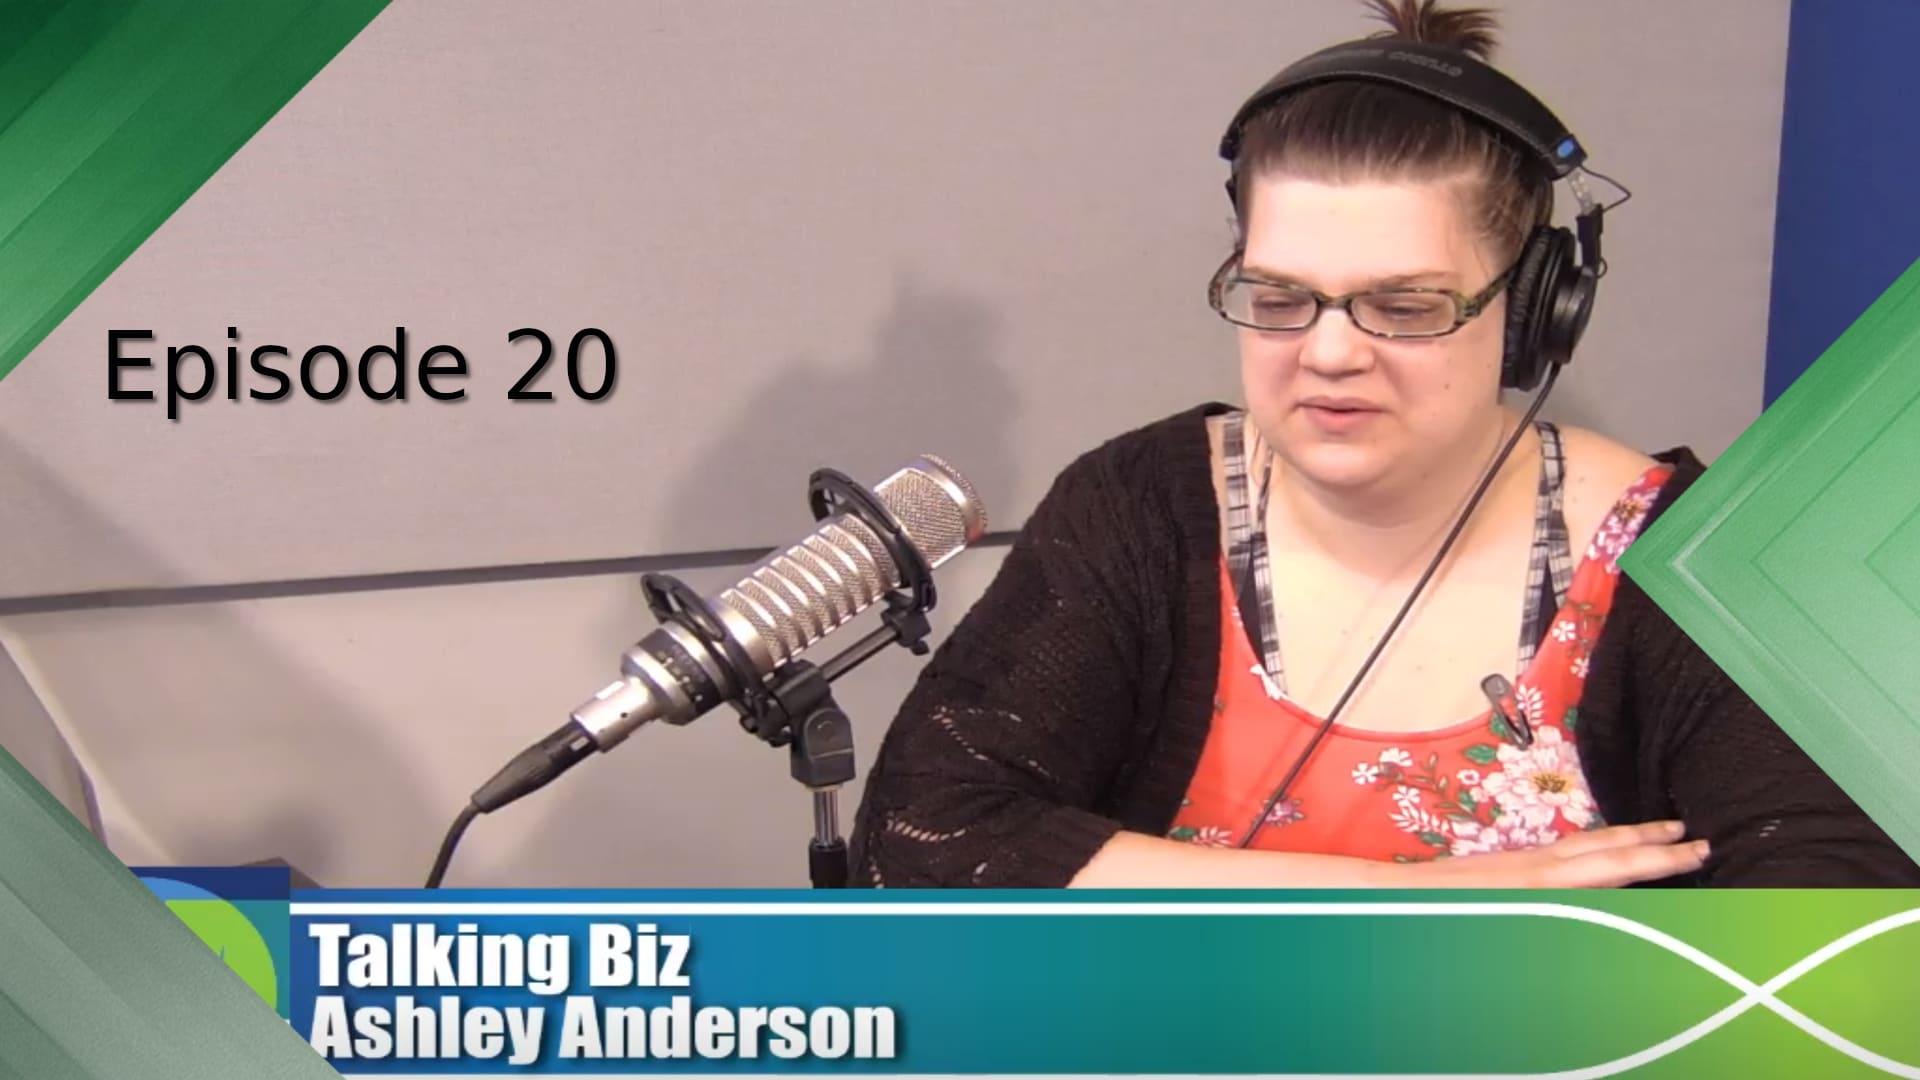 Talking Biz - Episode 20